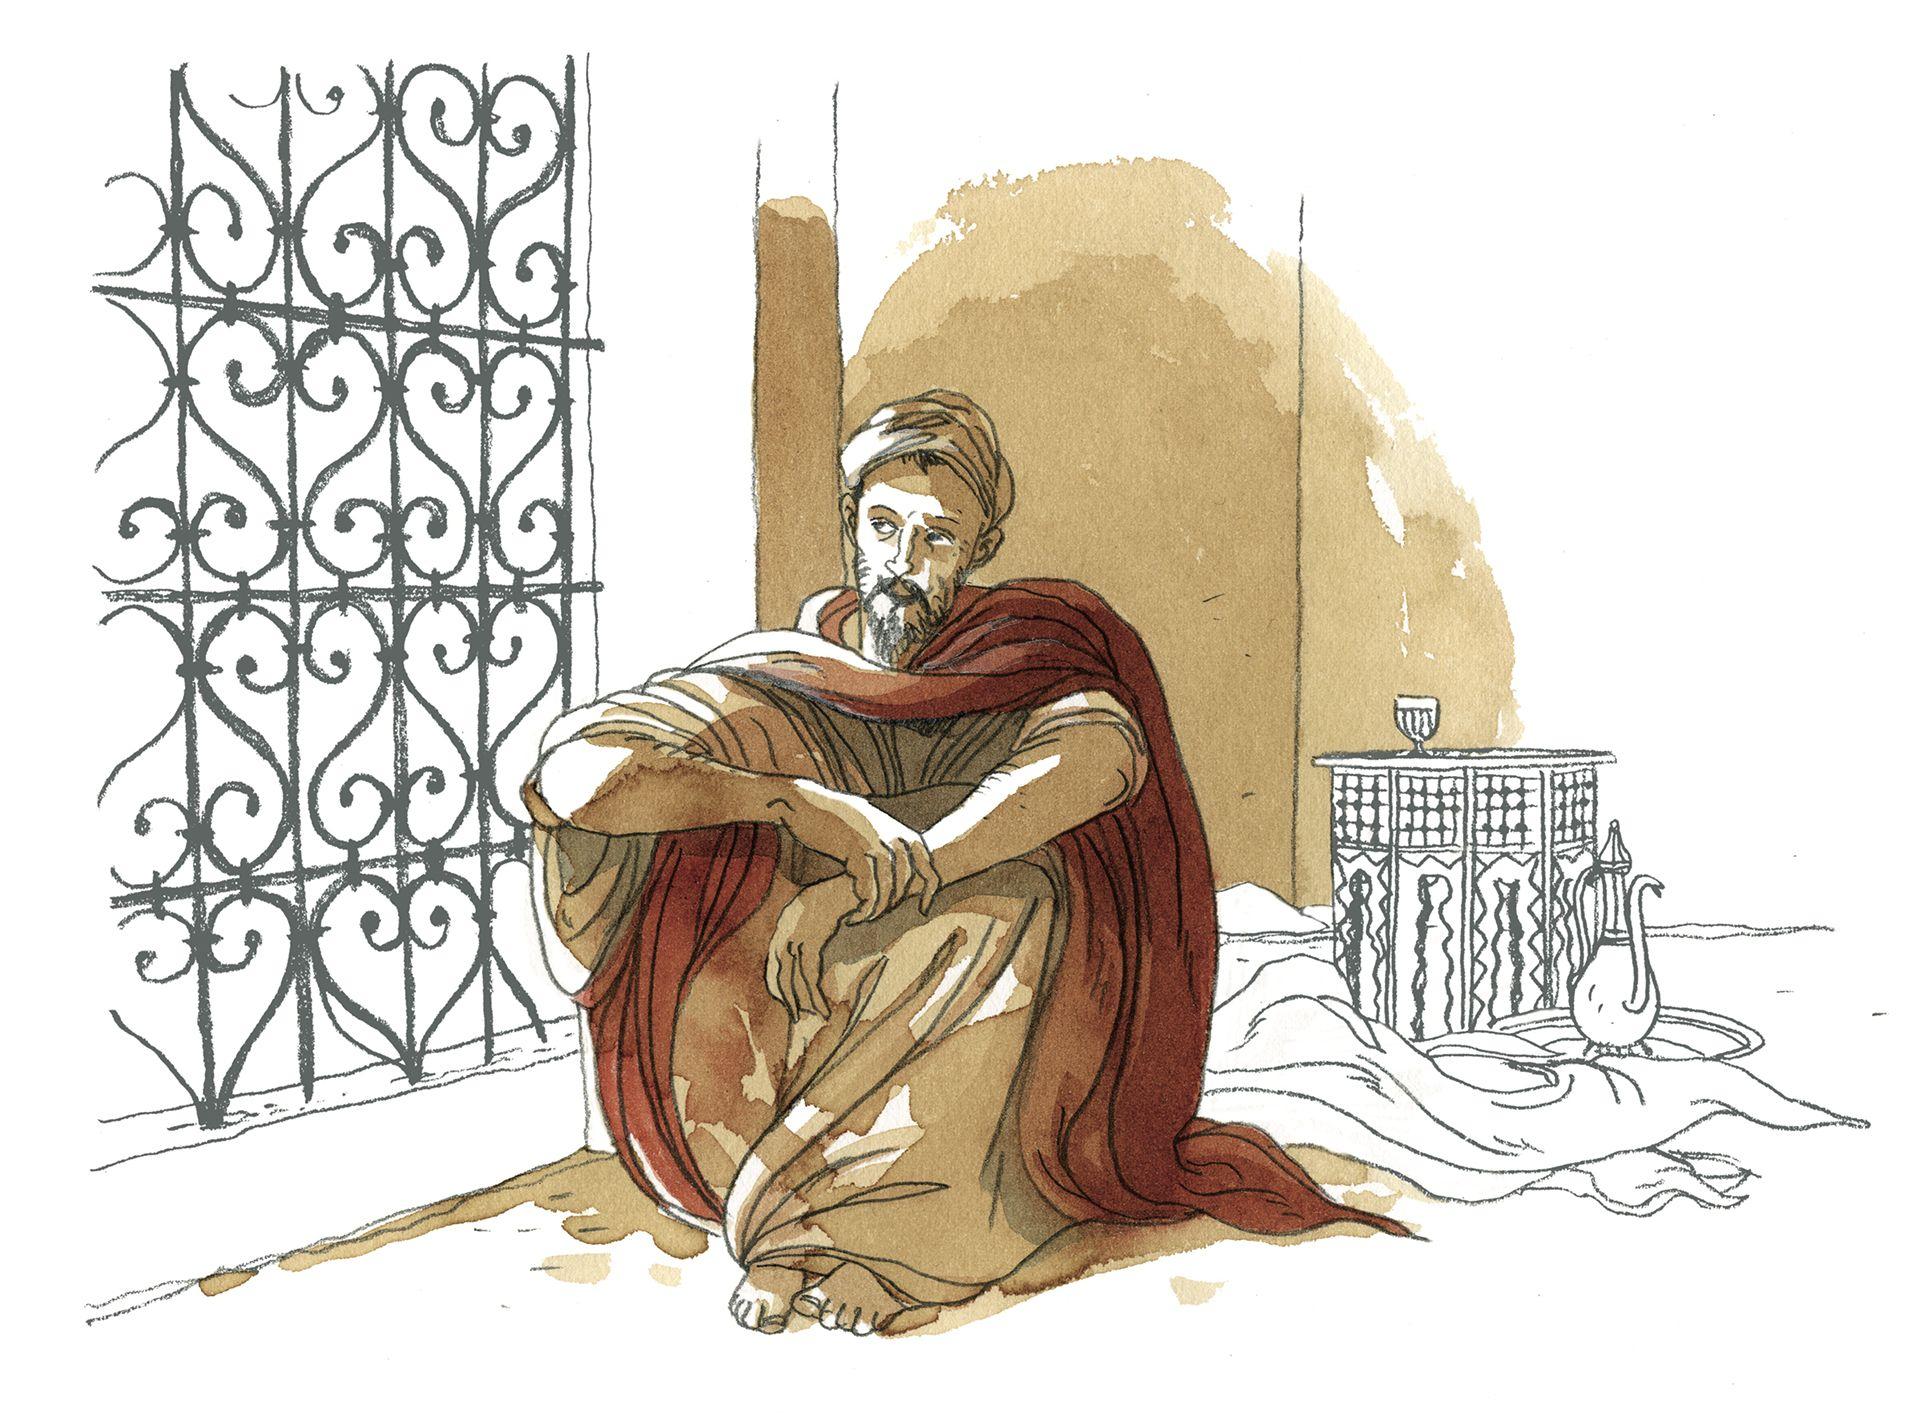 Joël Alessandra - Ibn Battuta - Bouts du monde